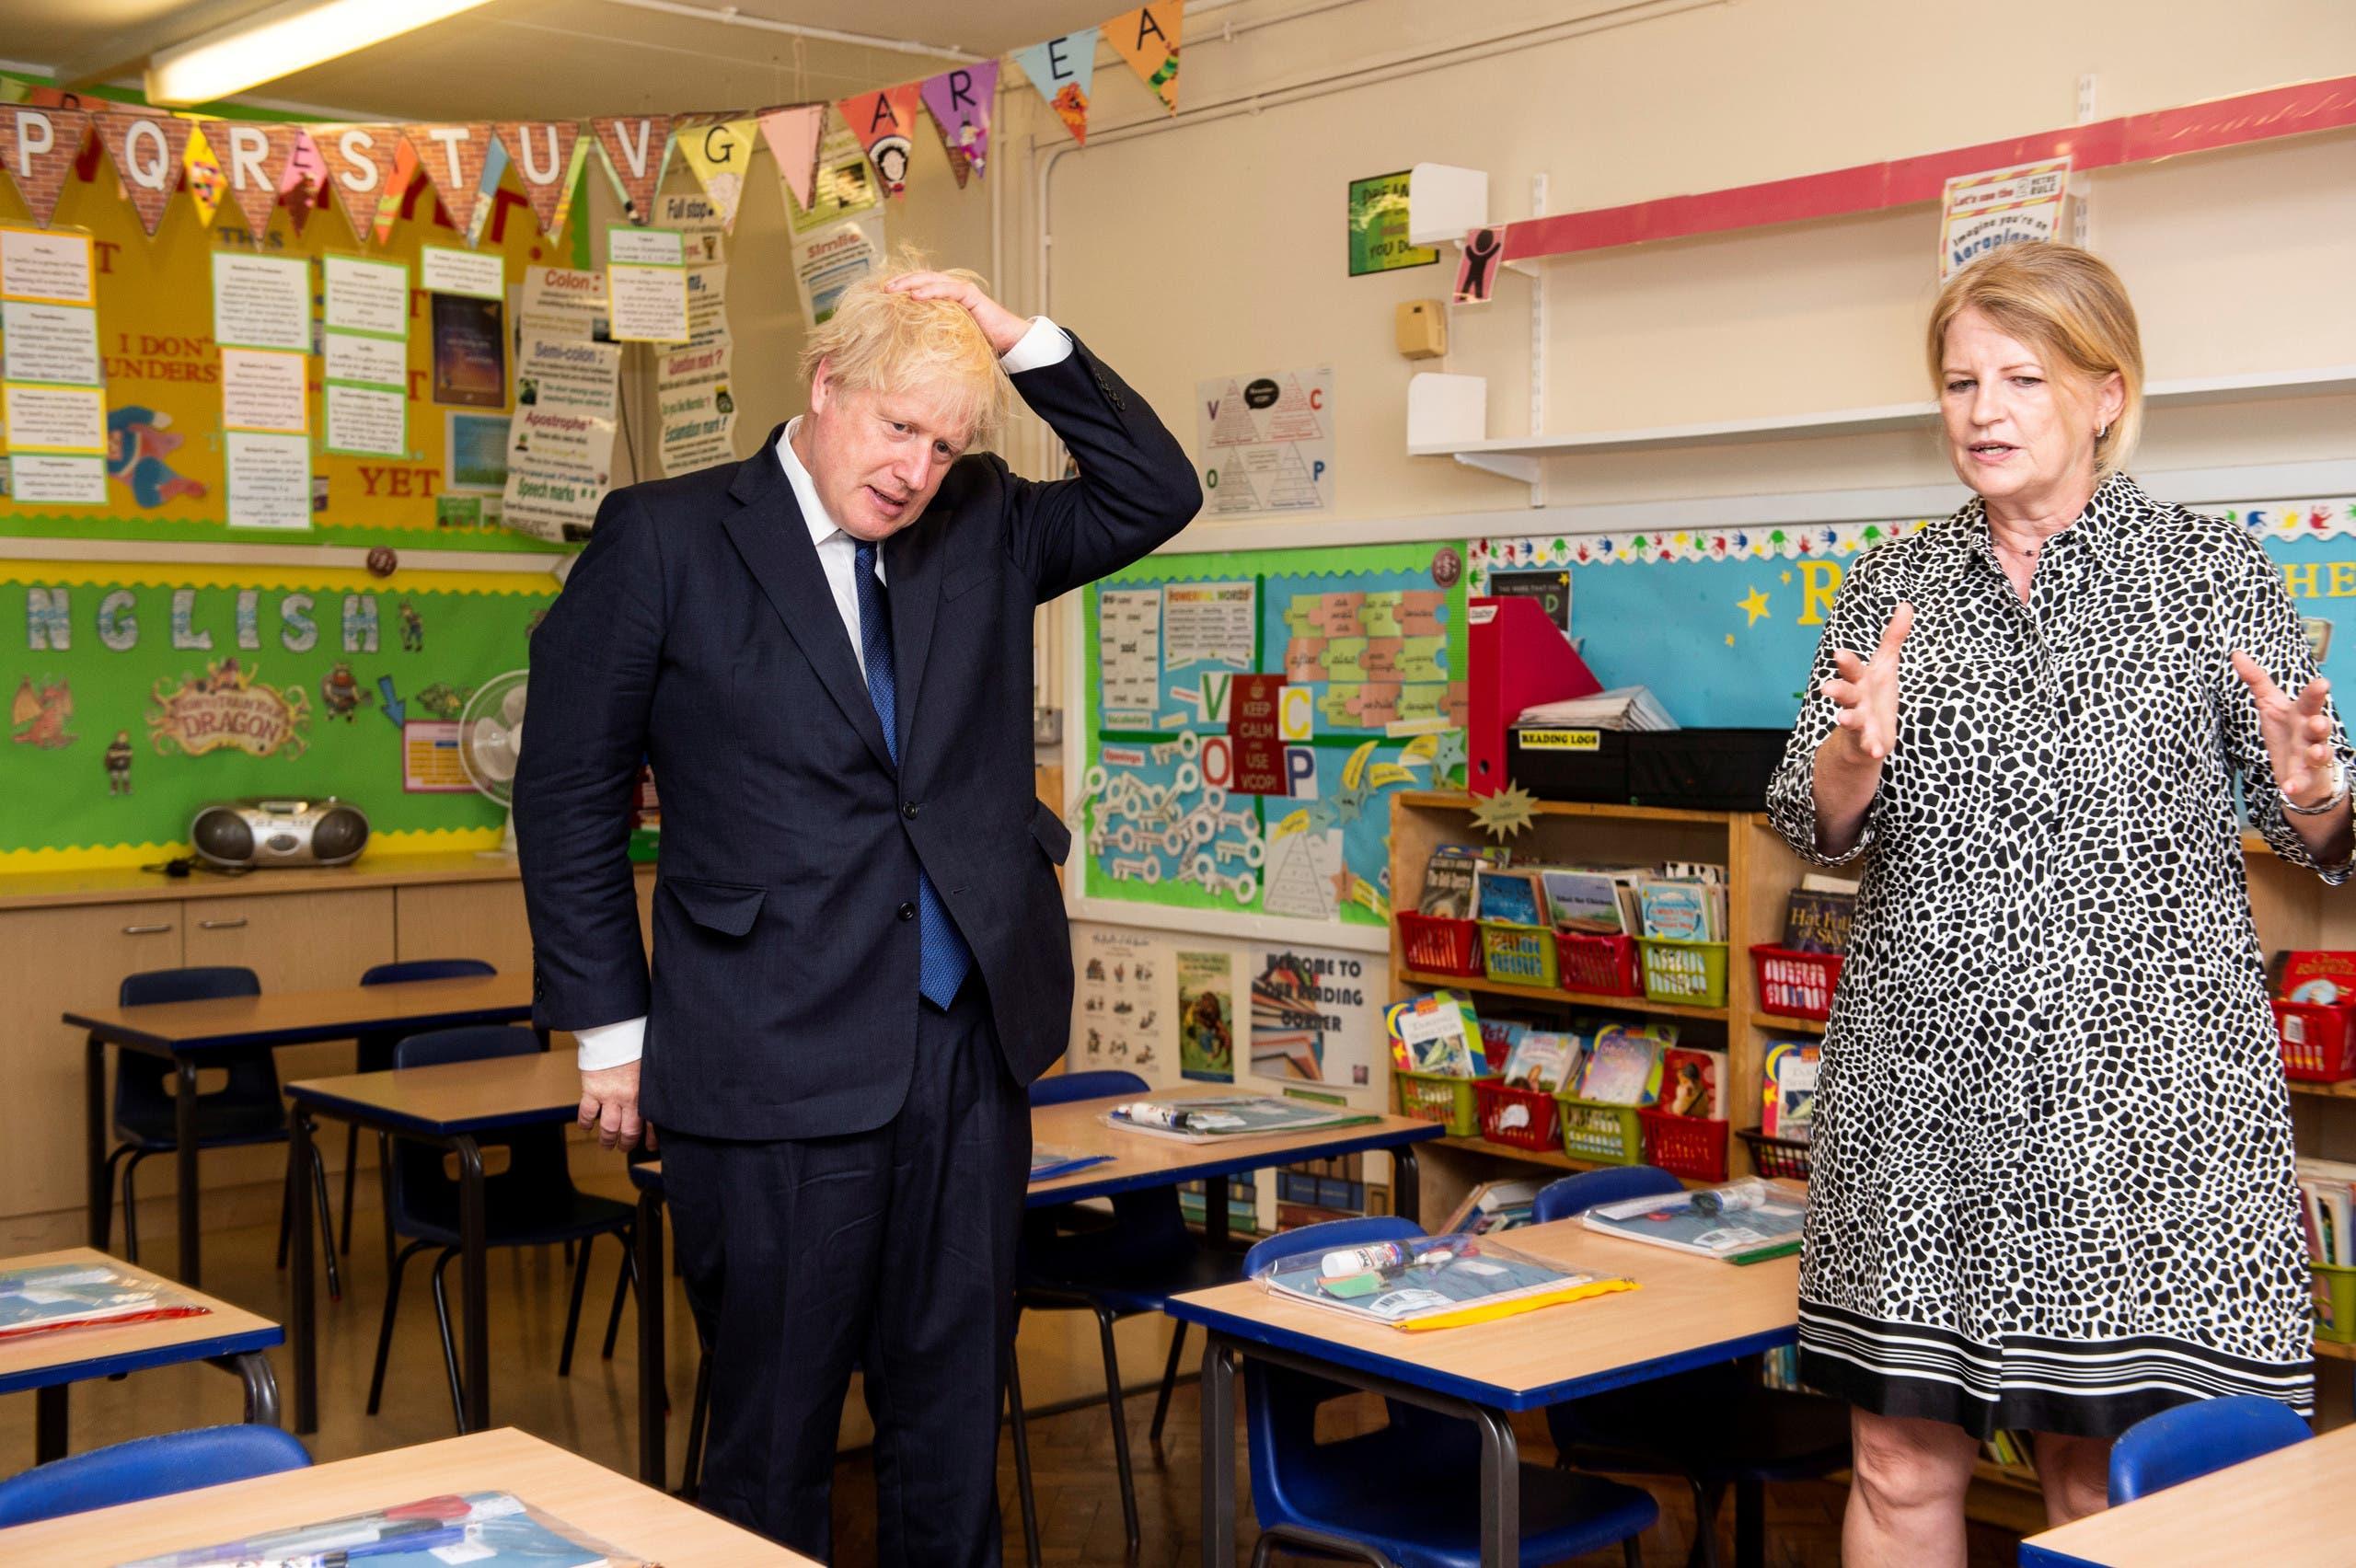 جونسون يزور إحدى مدارس لندن للاطلاع على إجراءات الوقاية من كورونا